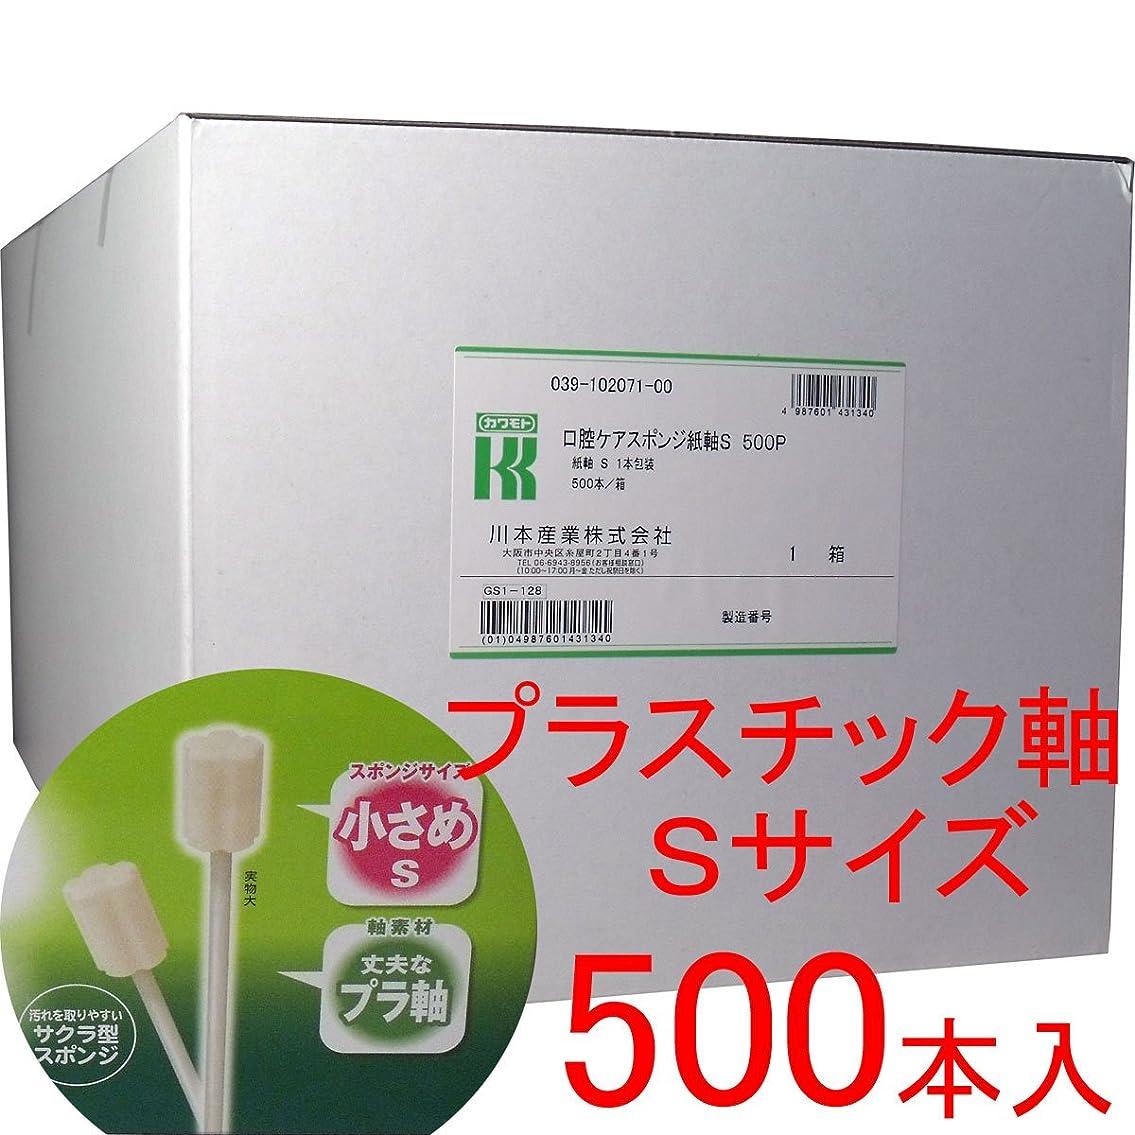 ゴミホールドオール不十分川本産業 マウスピュア口腔ケアスポンジプラ軸S 039-102074-00(500ホン)